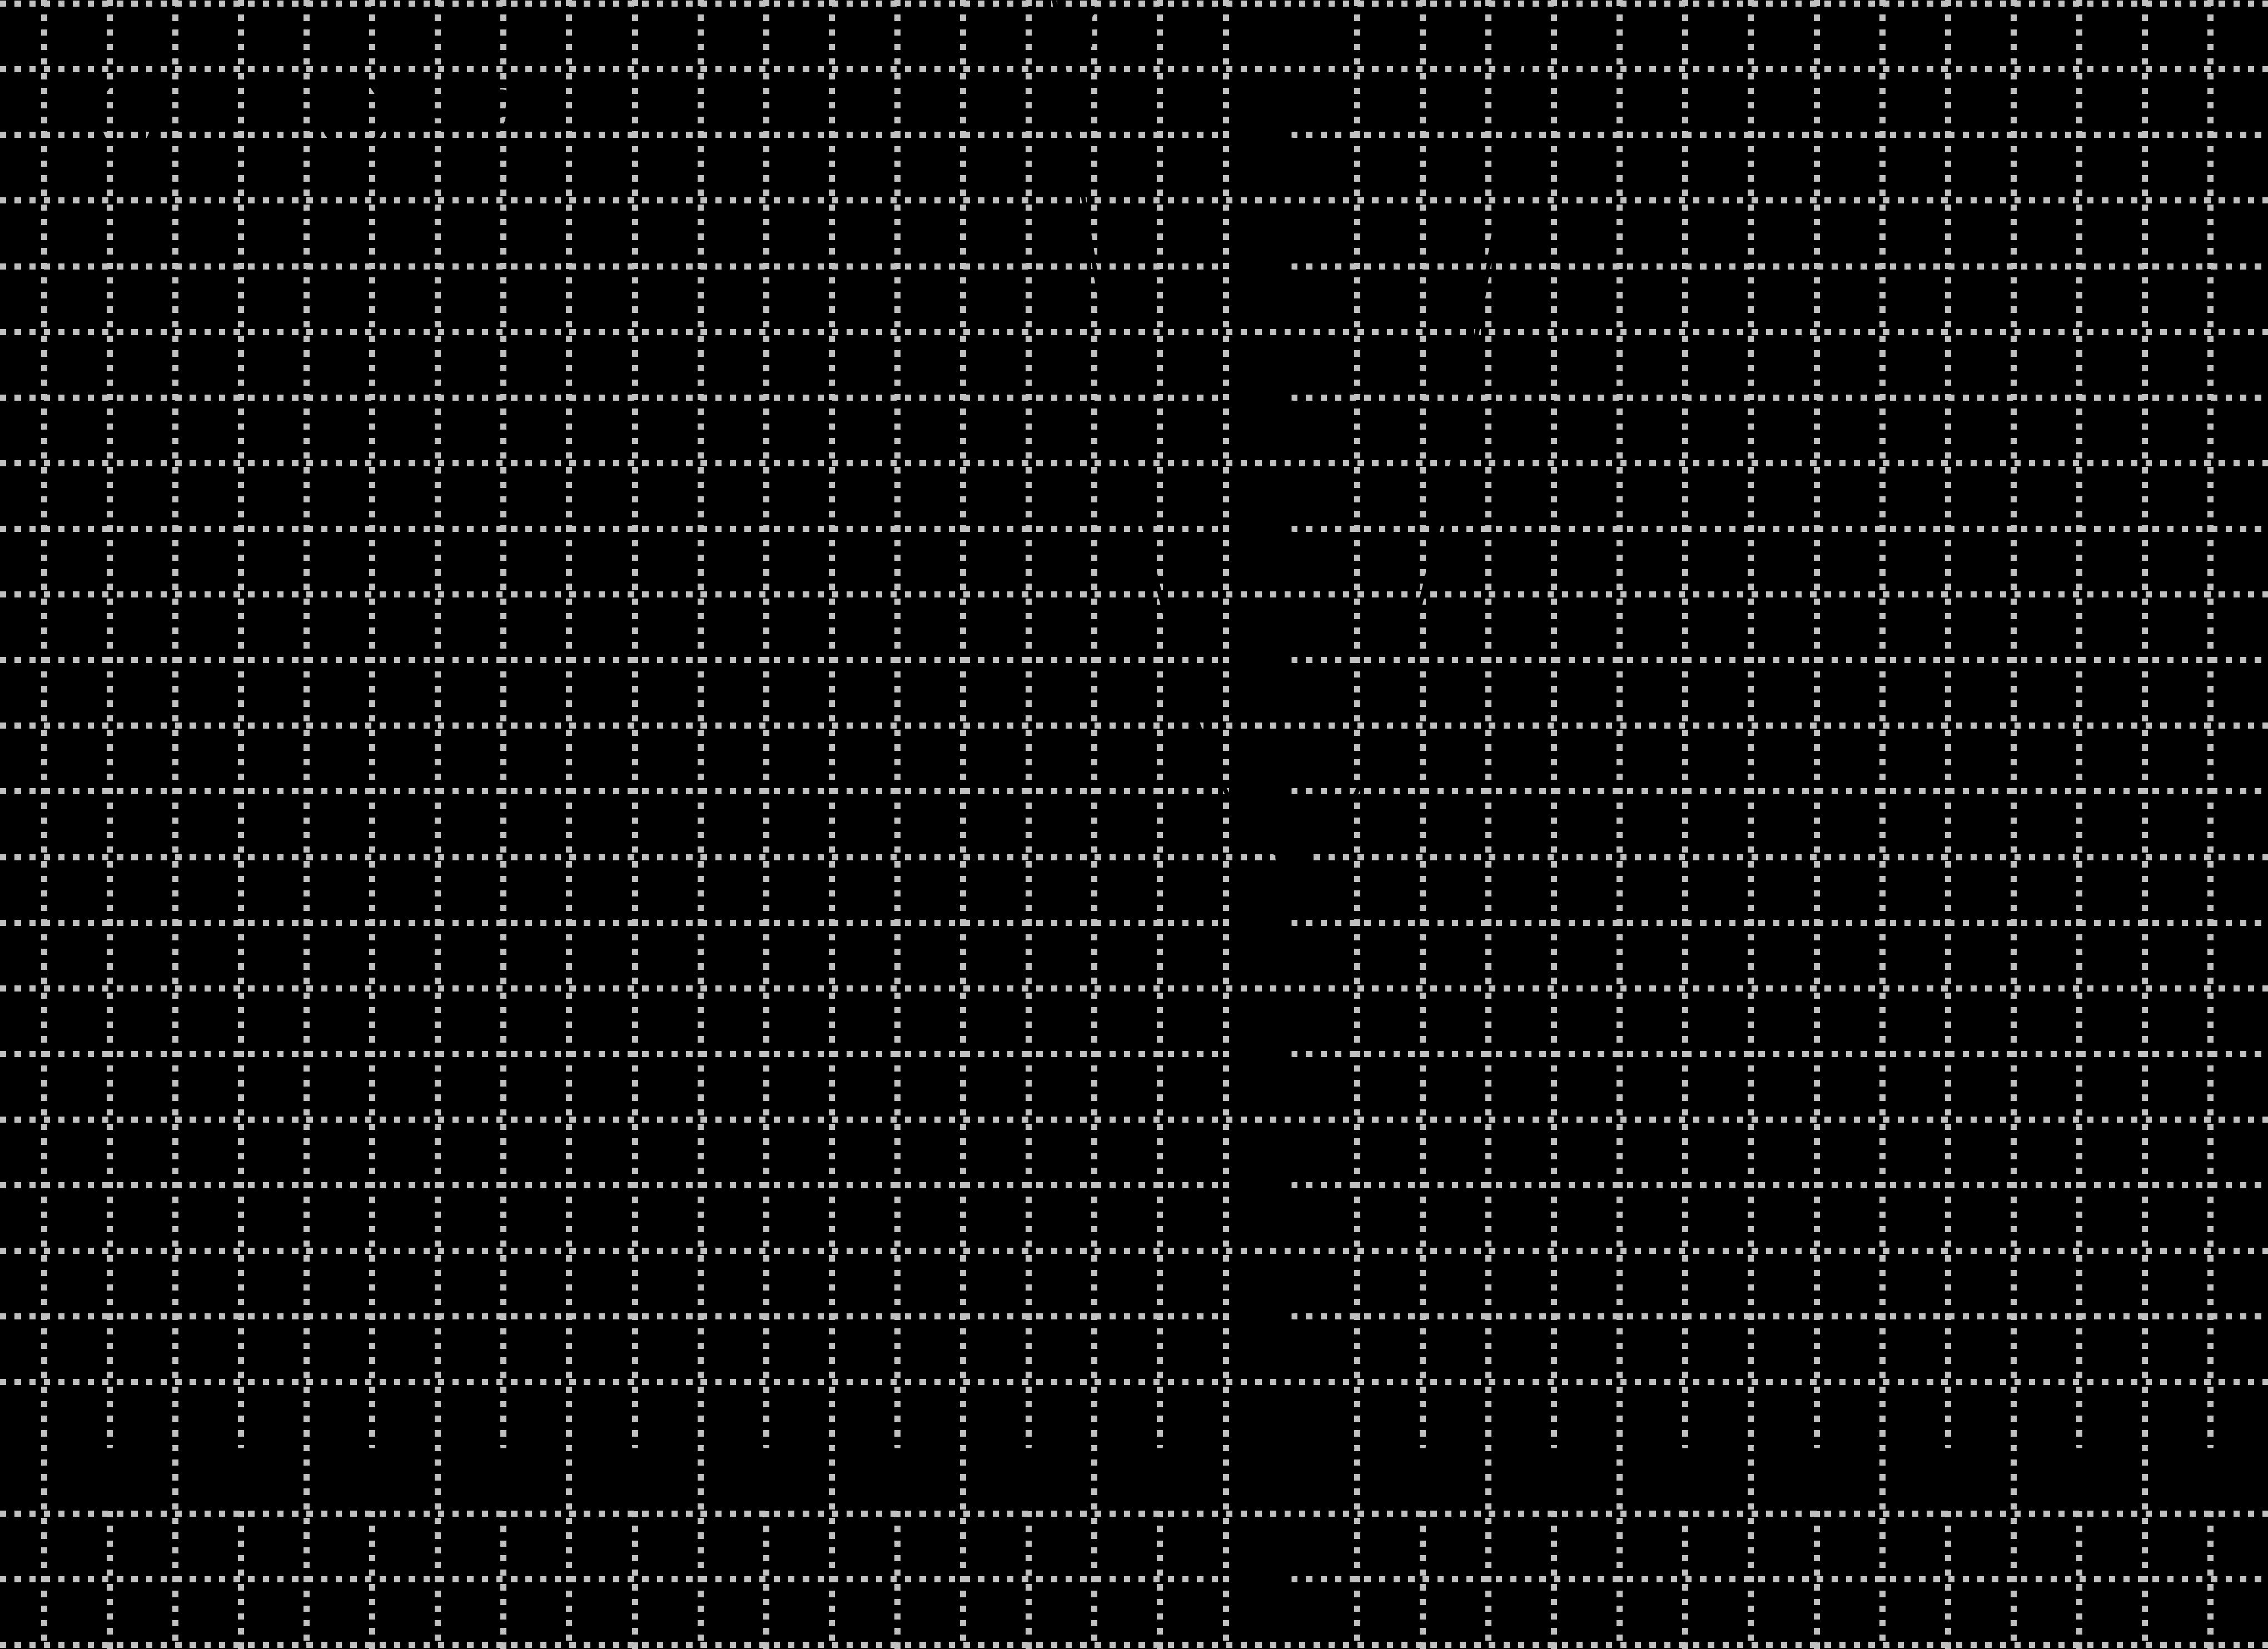 normalparabel-scheitelpkt-ohne-nullstellen